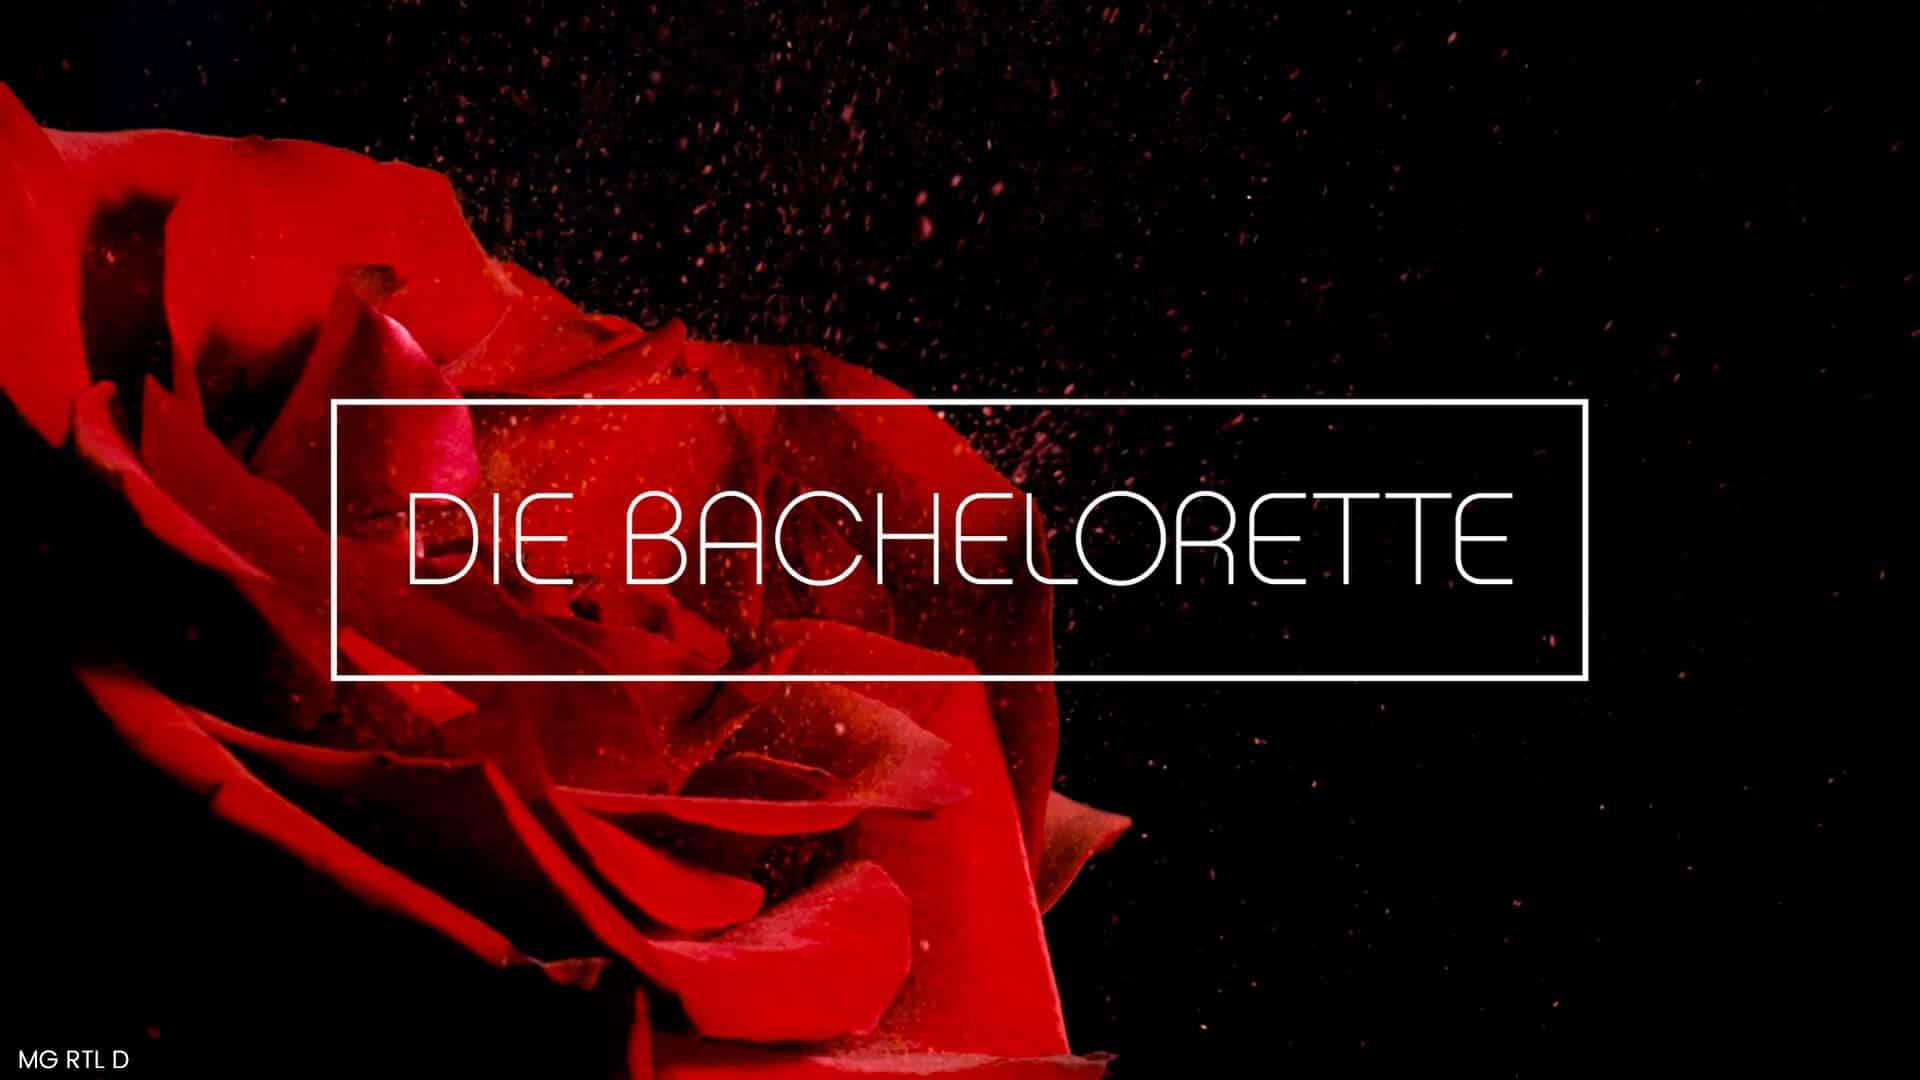 Eine rote Rose im Hintergrund mit dem Logo von Der Bachelorette